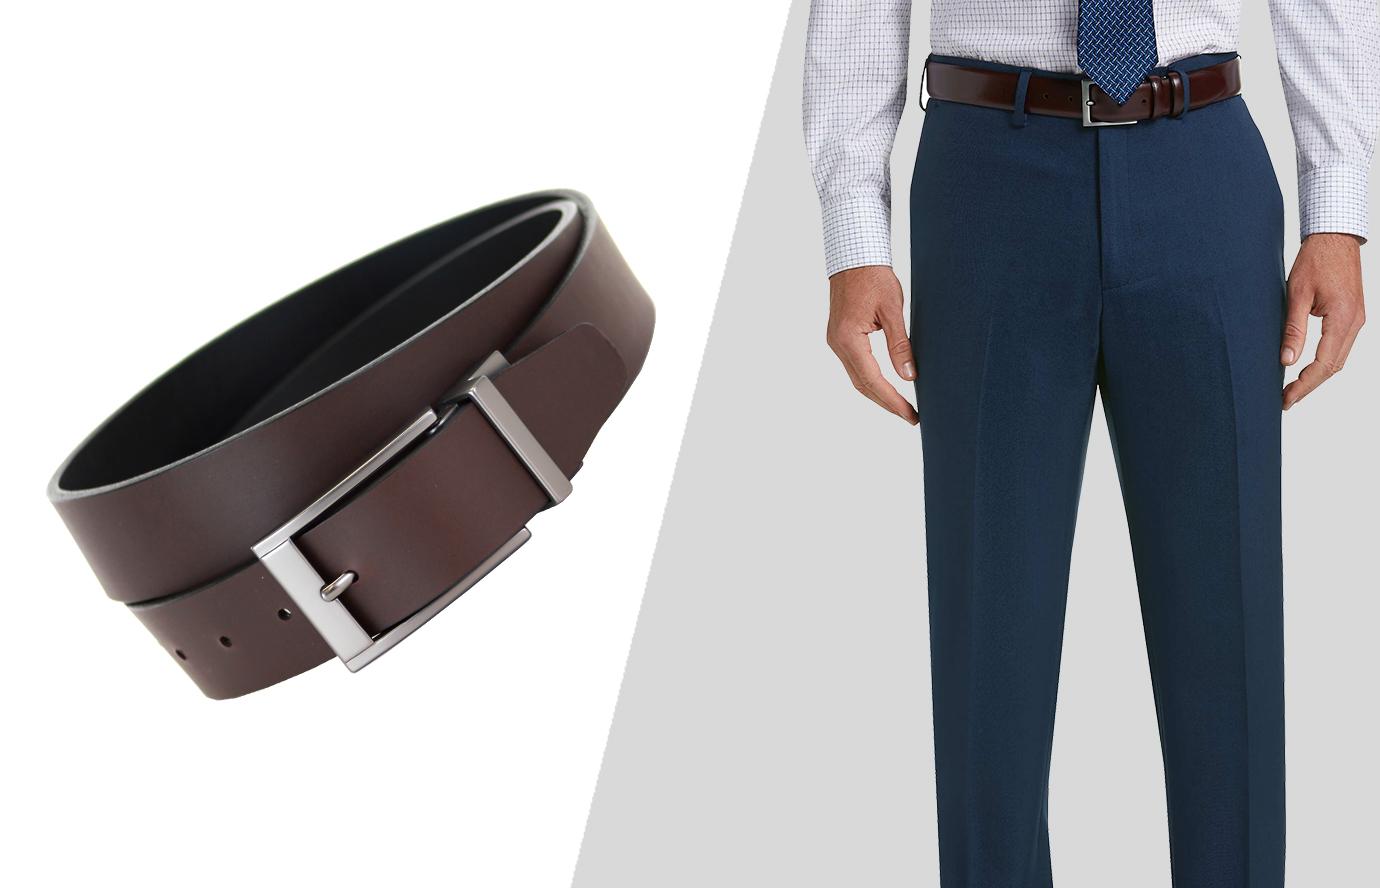 suit accessories: the belt